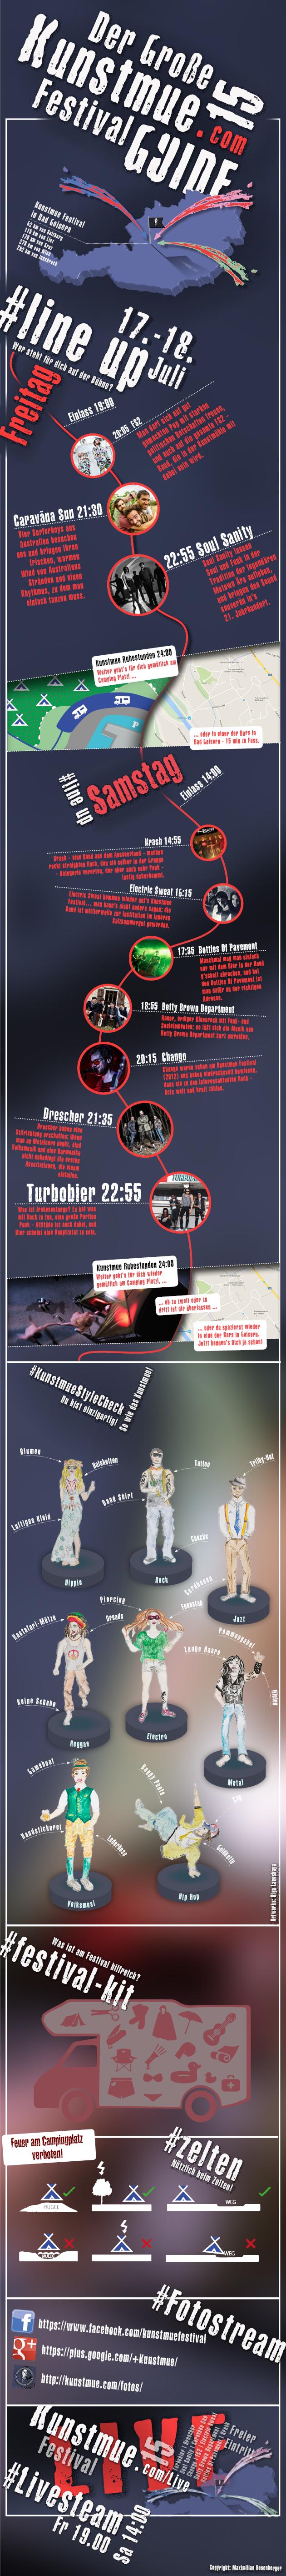 Infografik: Der große Kunstmue 2015 Festivalguide